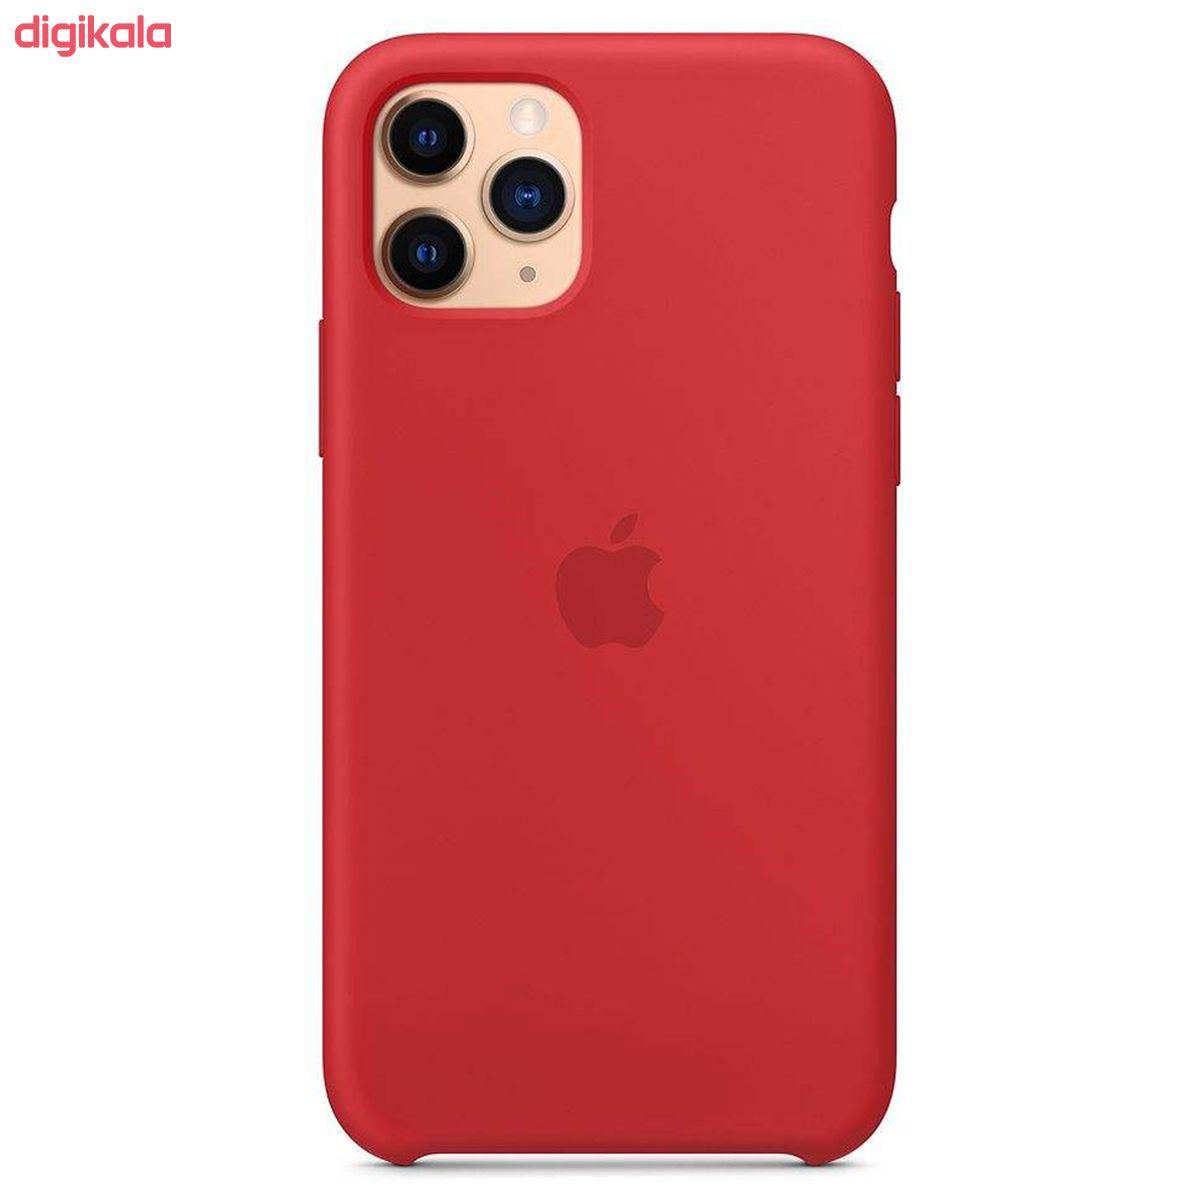 کاور مدل SCS مناسب برای گوشی موبایل اپل Iphone 11 Pro Max main 1 2